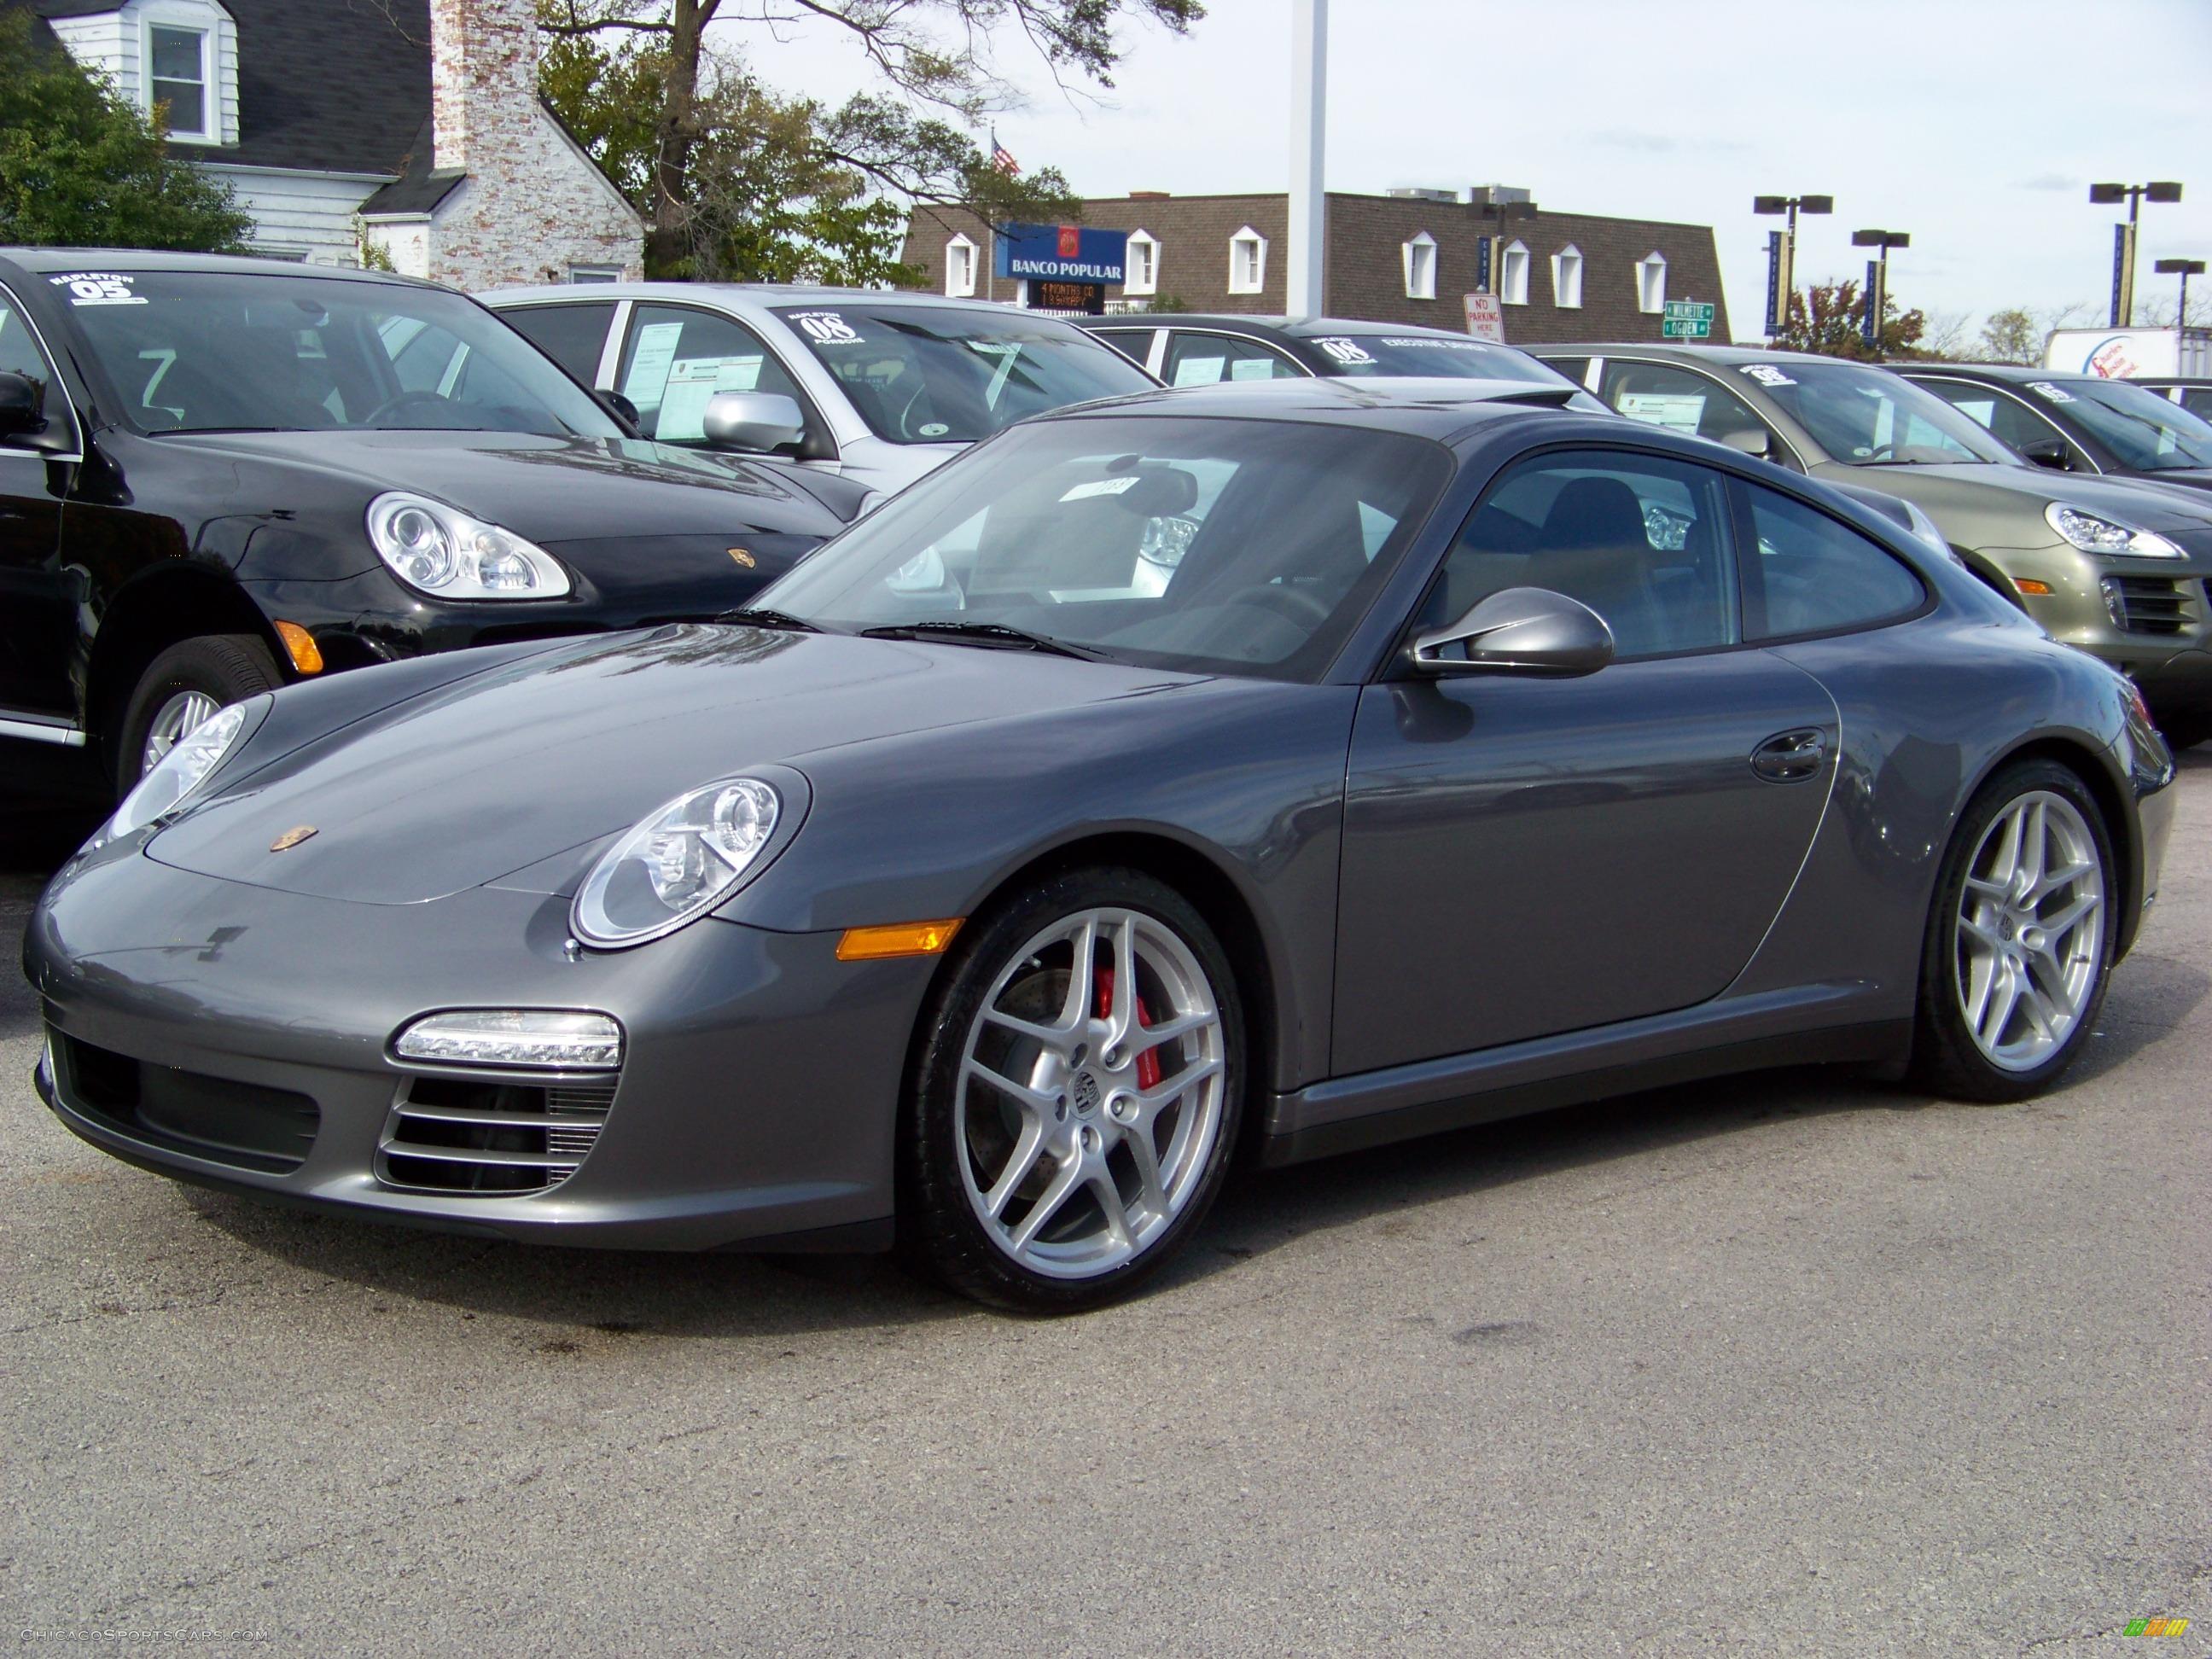 Worksheet. 2009 Porsche 911 Carrera 4S Coupe in Meteor Grey Metallic  720793